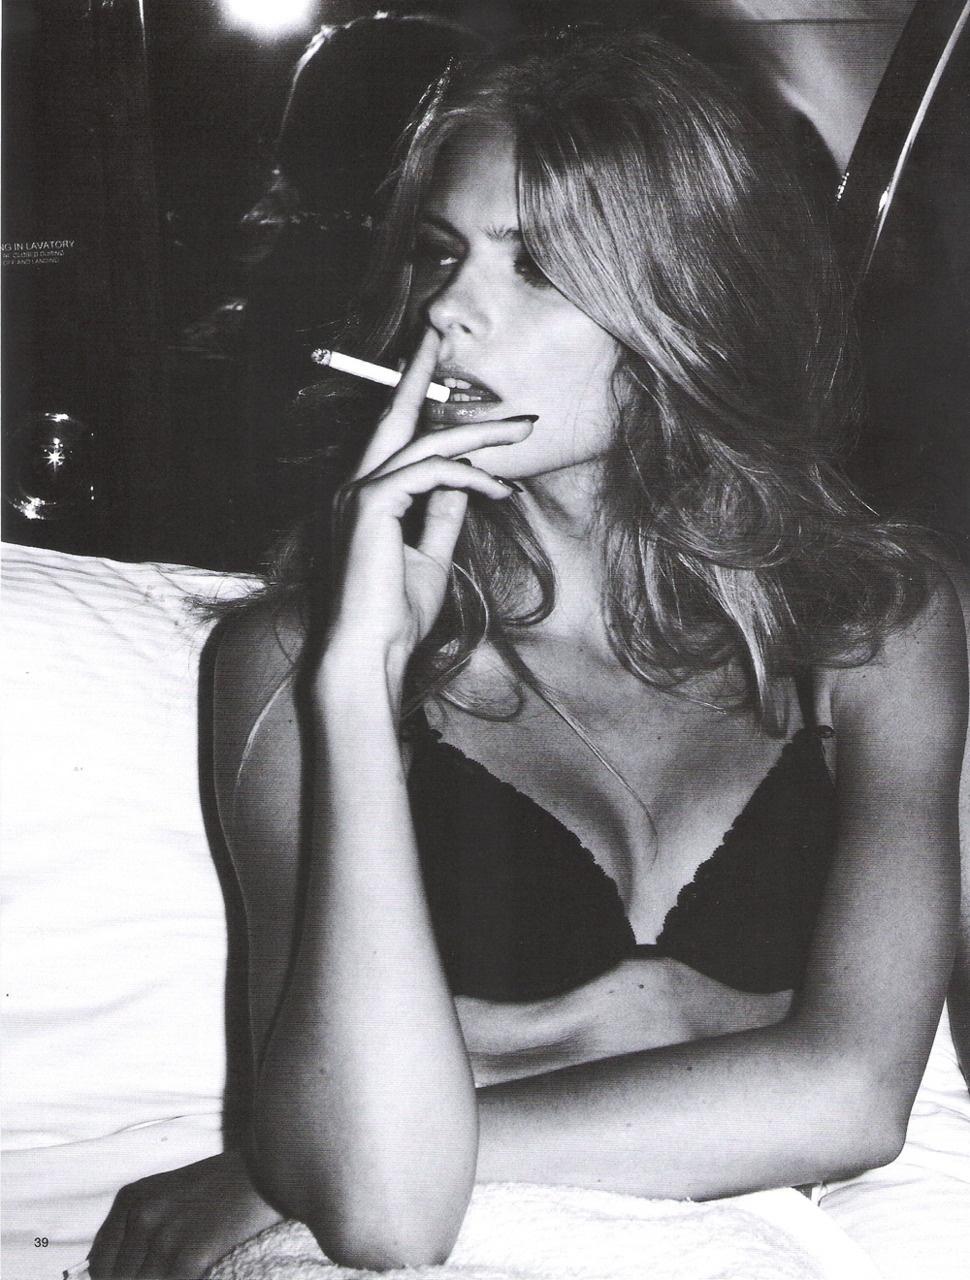 Лицо девушки с сигаретой у губ в черном бюстике, фото черно белое